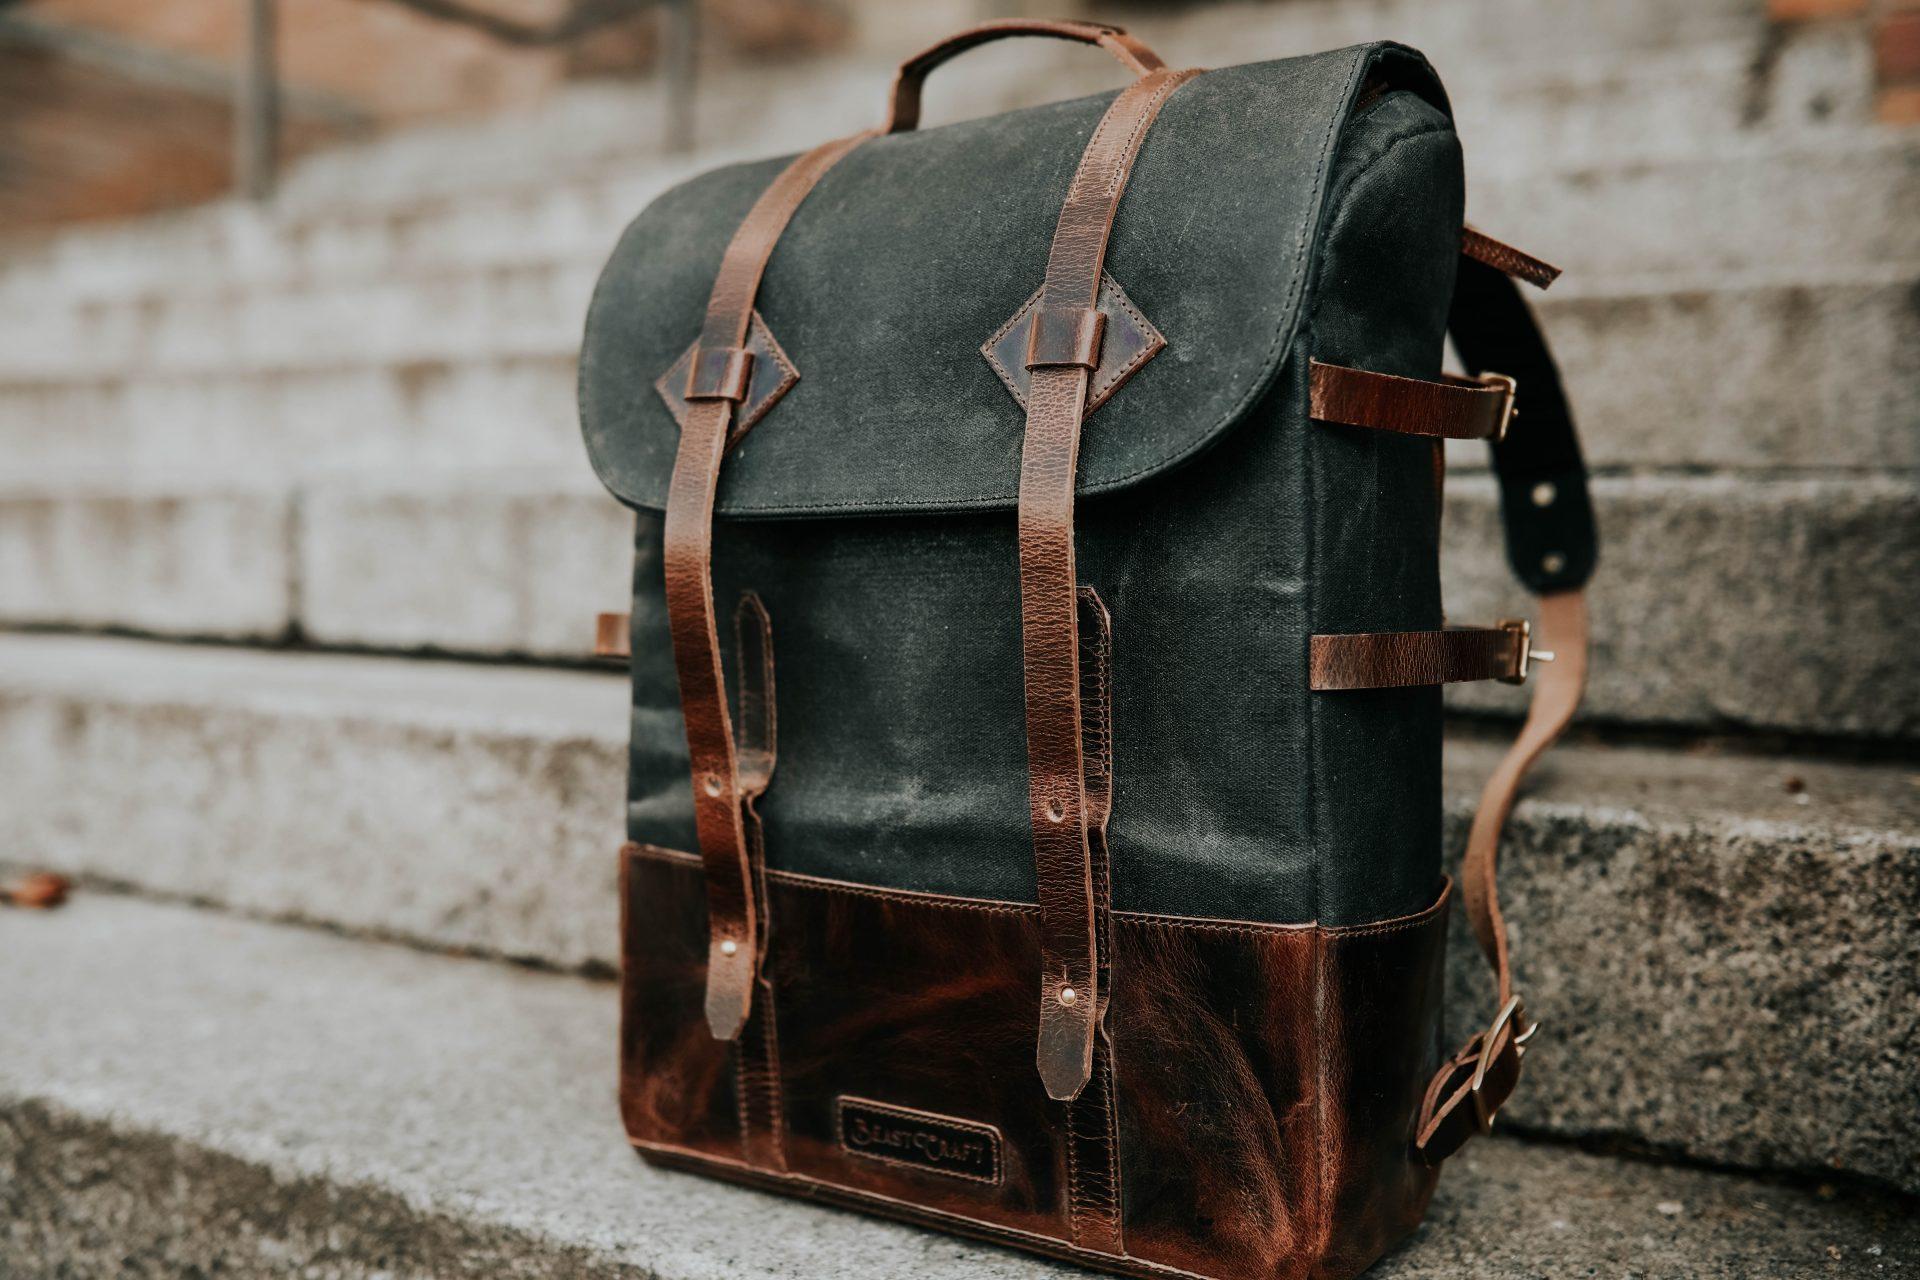 Orobianco(オロビアンコ)で人気のバッグとは?ビジネスでも使える店舗で評判の高いアイテムをご紹介!